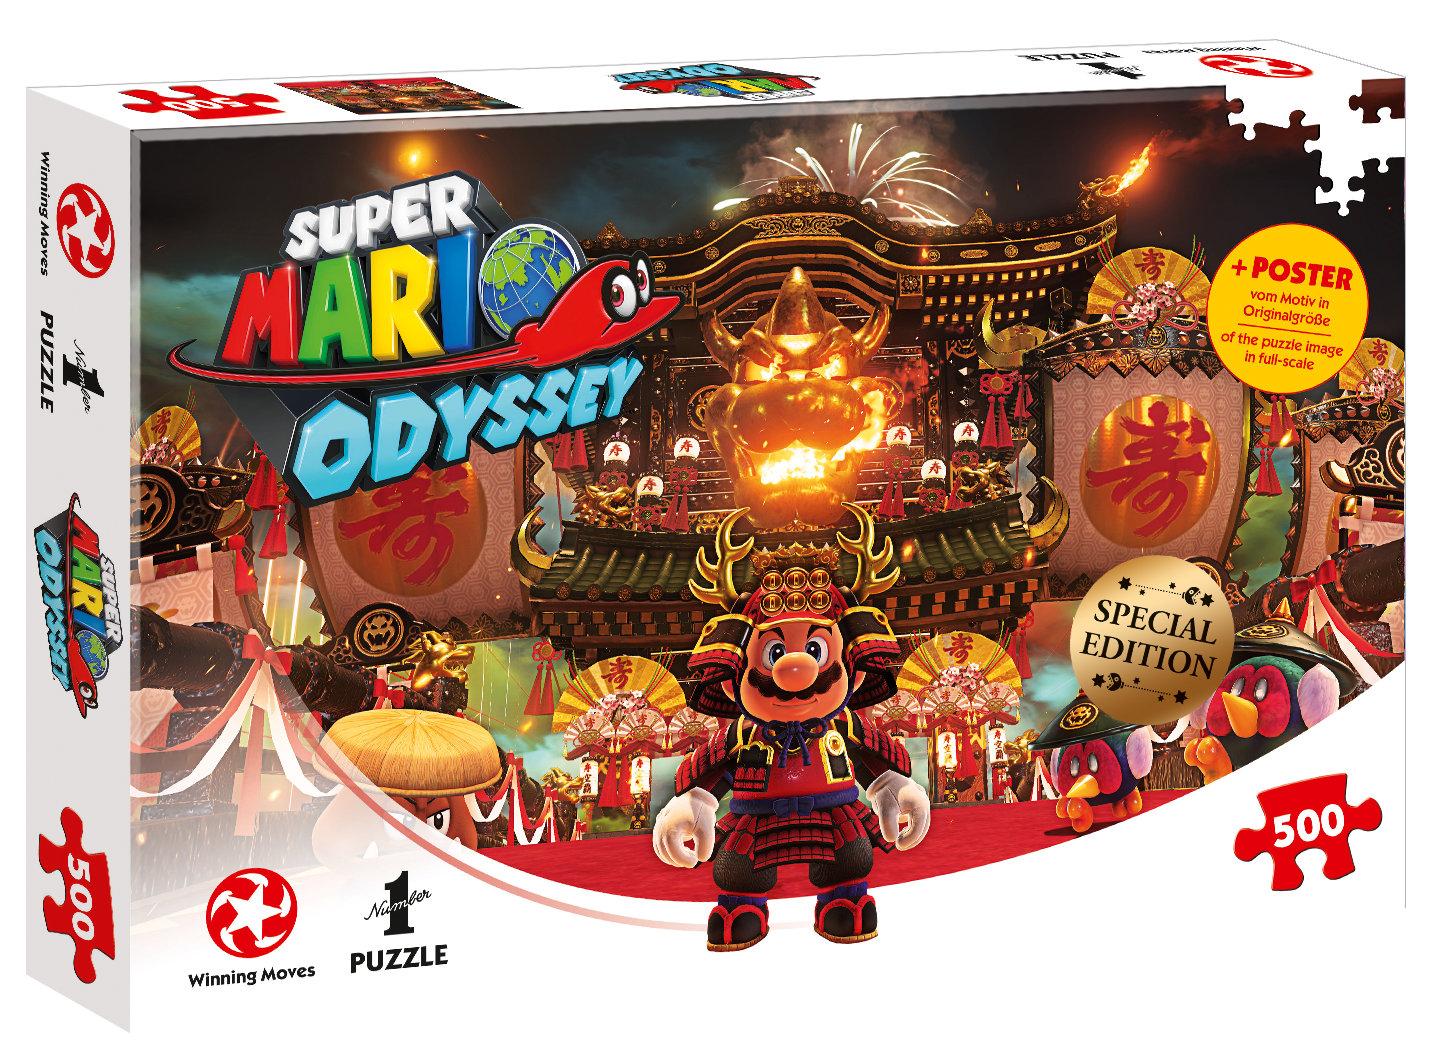 Puzzle Super Mario Odyssey Bowser's Castle 500 Teile